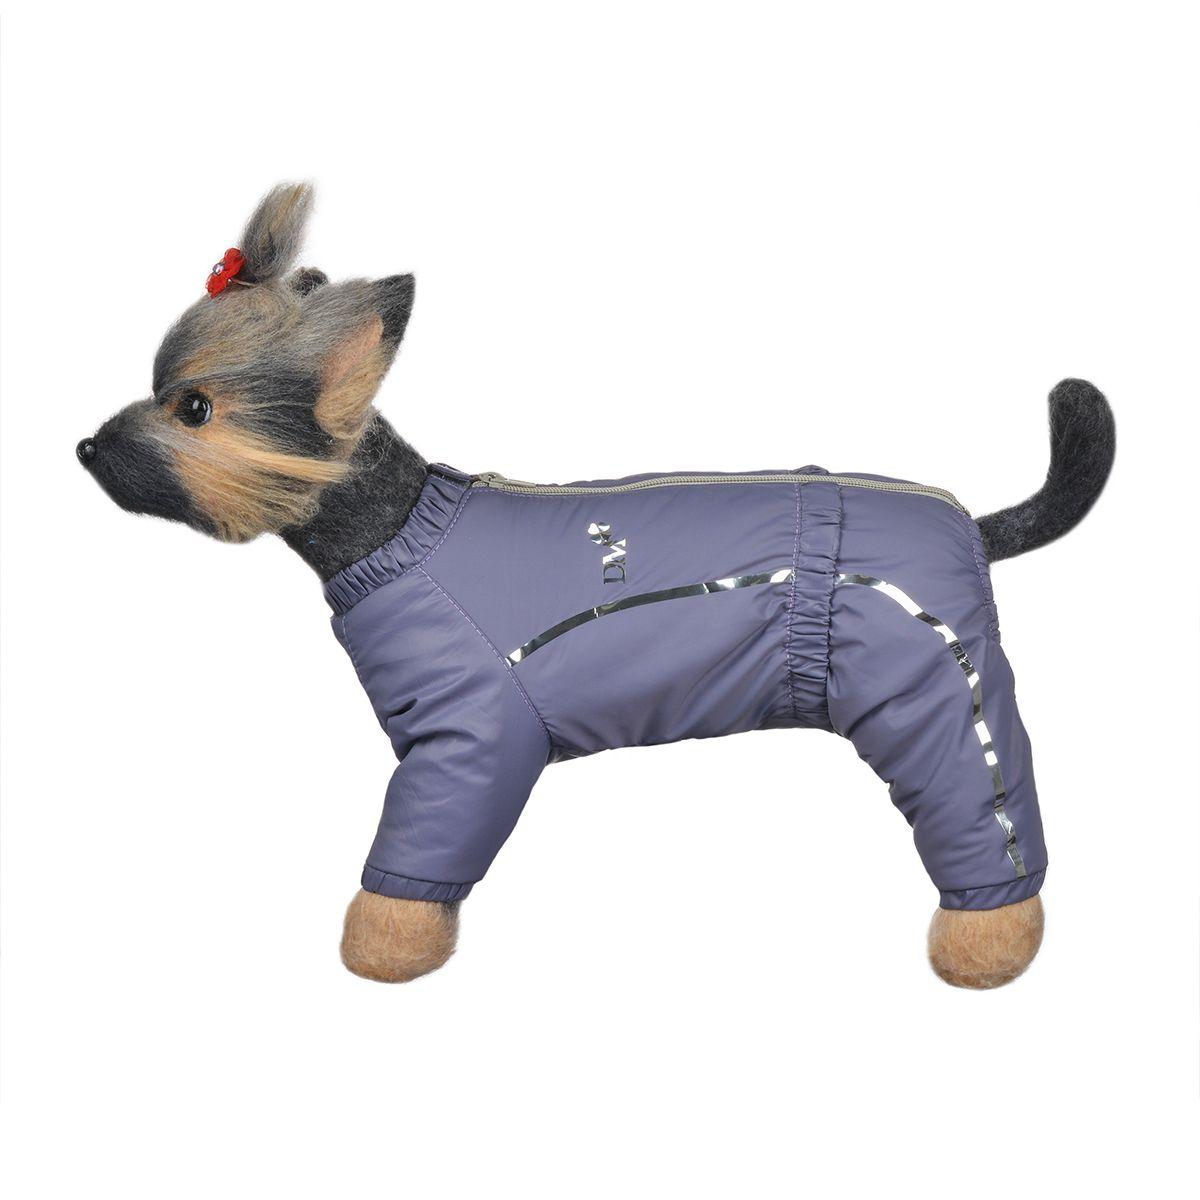 Комбинезон для собак Dogmoda Альпы, зимний, для девочки, цвет: фиолетовый, серый. Размер 3 (L)DM-150350-3Зимний комбинезон для собак Dogmoda Альпы отлично подойдет для прогулок в зимнее время года. Комбинезон изготовлен из полиэстера, защищающего от ветра и снега, с утеплителем из синтепона, который сохранит тепло даже в сильные морозы, а на подкладке используется искусственный мех, который обеспечивает отличный воздухообмен. Комбинезон застегивается на молнию и липучку, благодаря чему его легко надевать и снимать. Ворот, низ рукавов и брючин оснащены внутренними резинками, которые мягко обхватывают шею и лапки, не позволяя просачиваться холодному воздуху. На пояснице имеется внутренняя резинка. Изделие декорировано серебристыми полосками и надписью DM. Благодаря такому комбинезону простуда не грозит вашему питомцу и он сможет испытать не сравнимое удовольствие от снежных игр и забав.